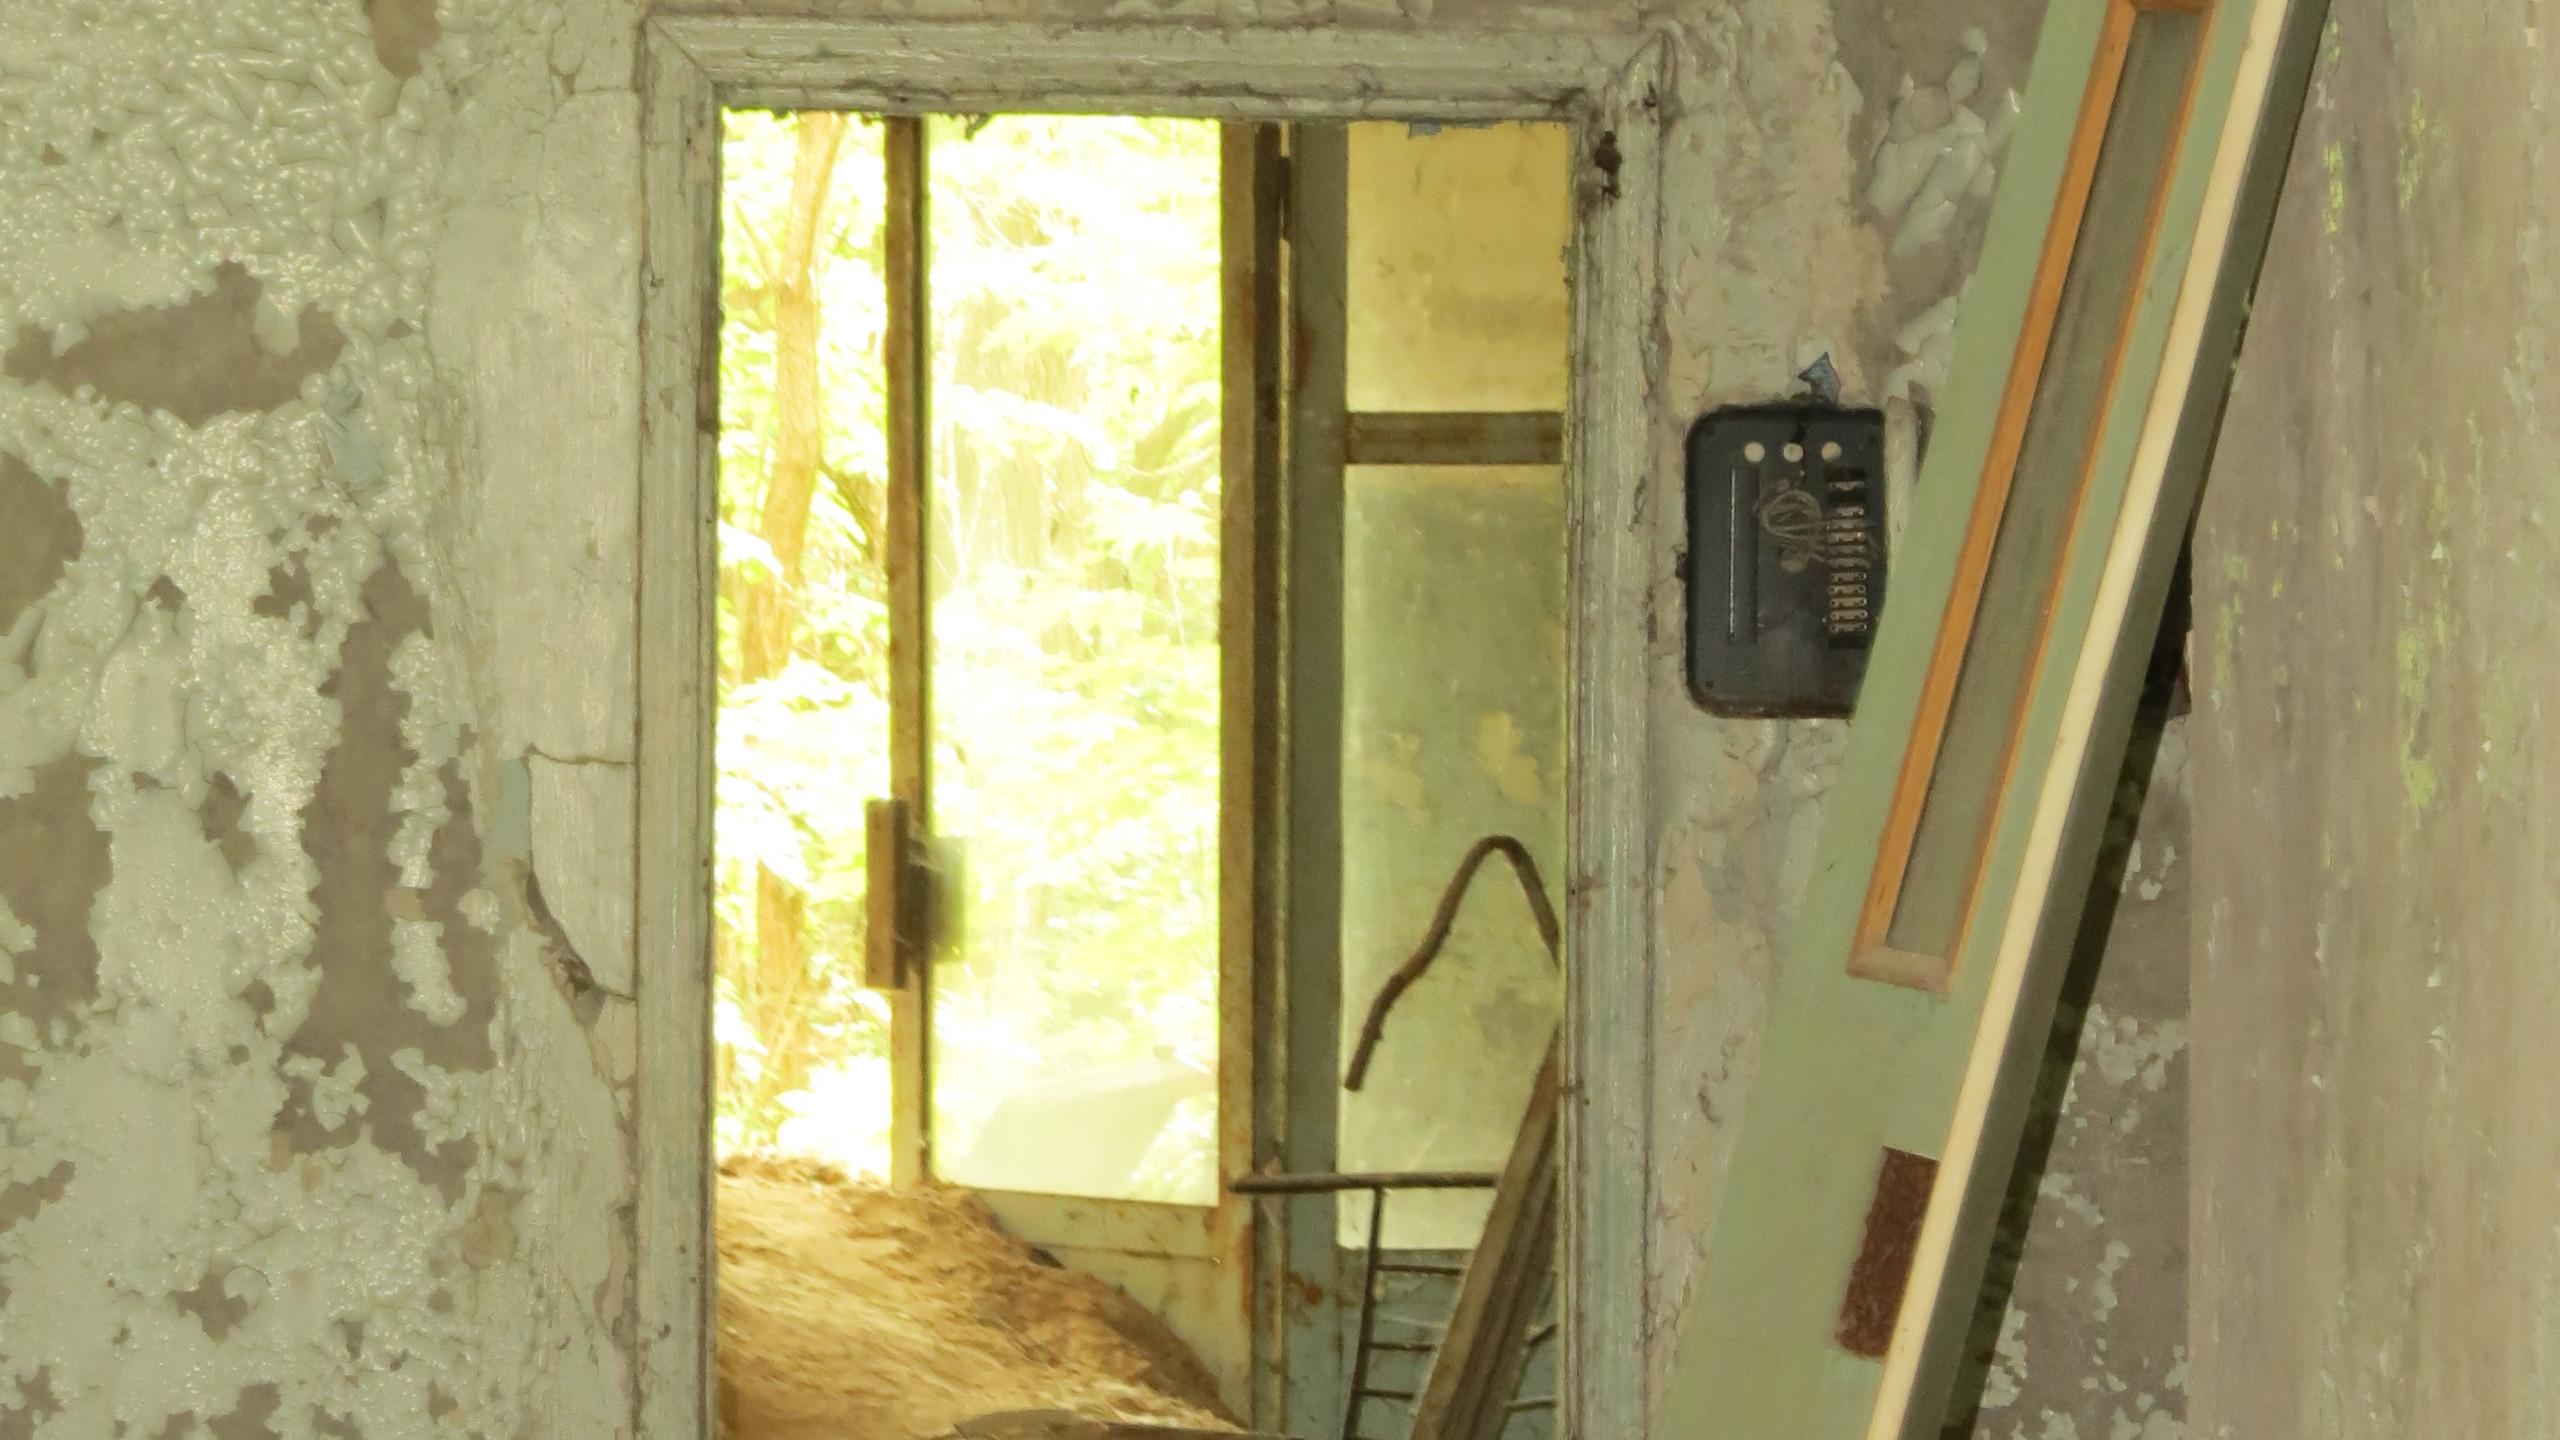 316 - Chernobyl